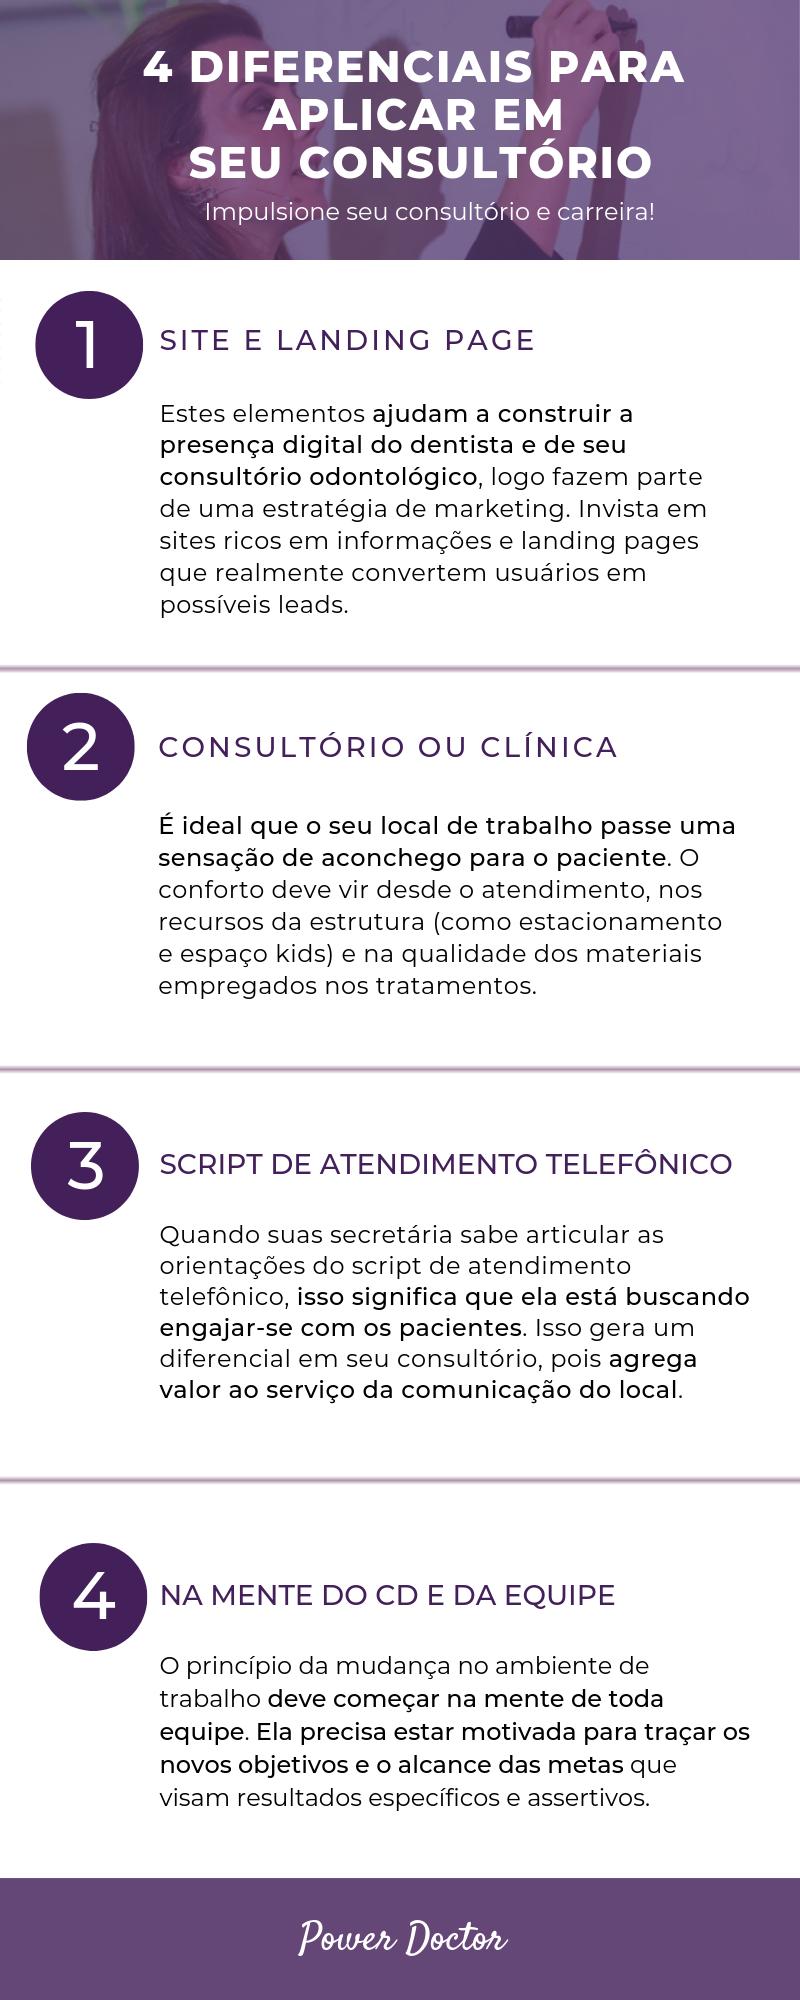 4-diferenciais-para-o-seu-consultorio